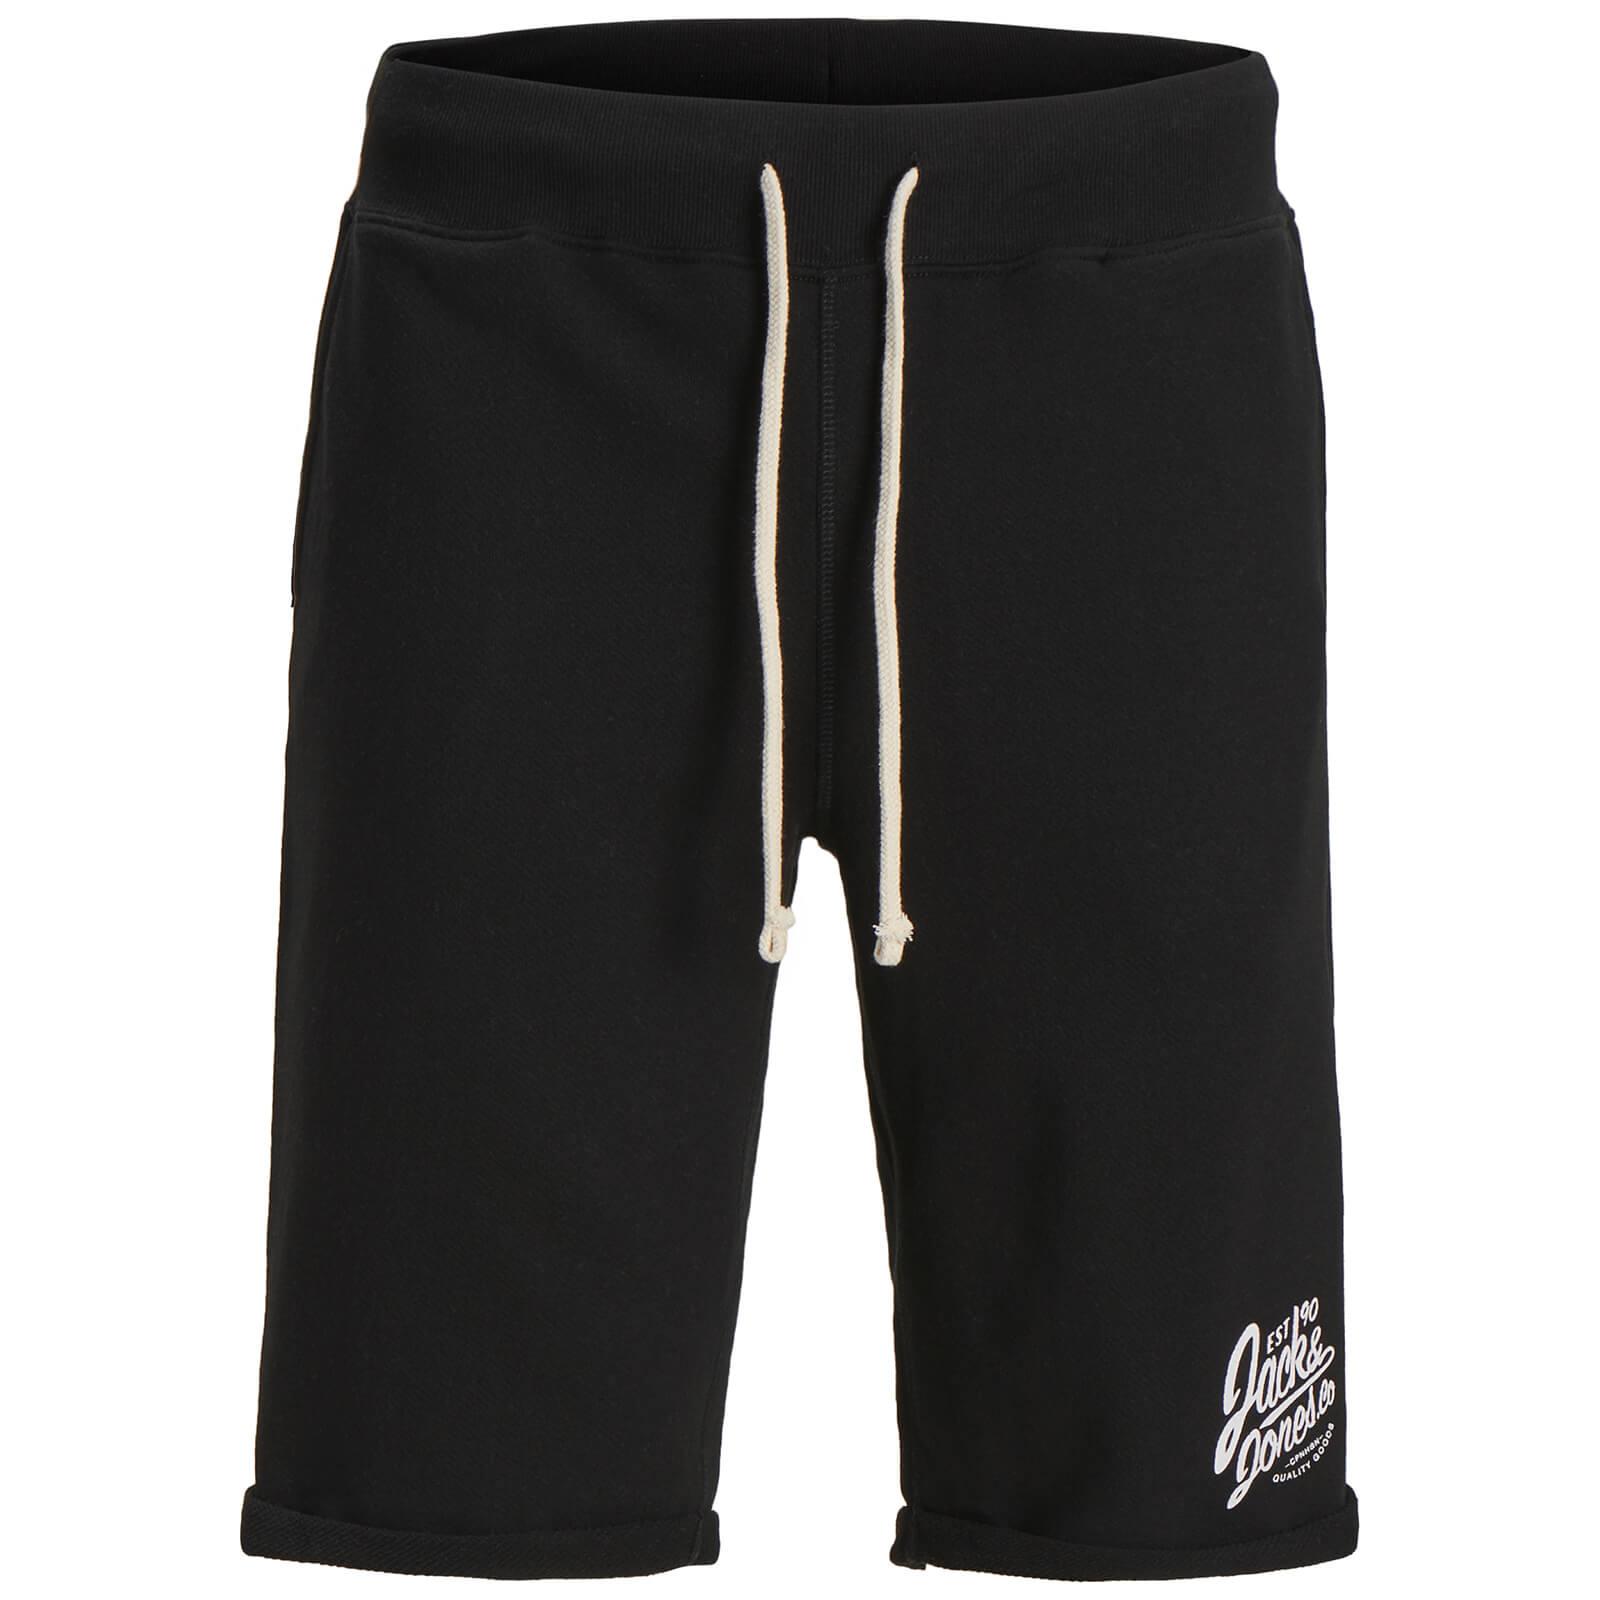 721e1be5372d6f Jack   Jones Men s Originals New Holting Sweatshorts - Tap Shoe. Description